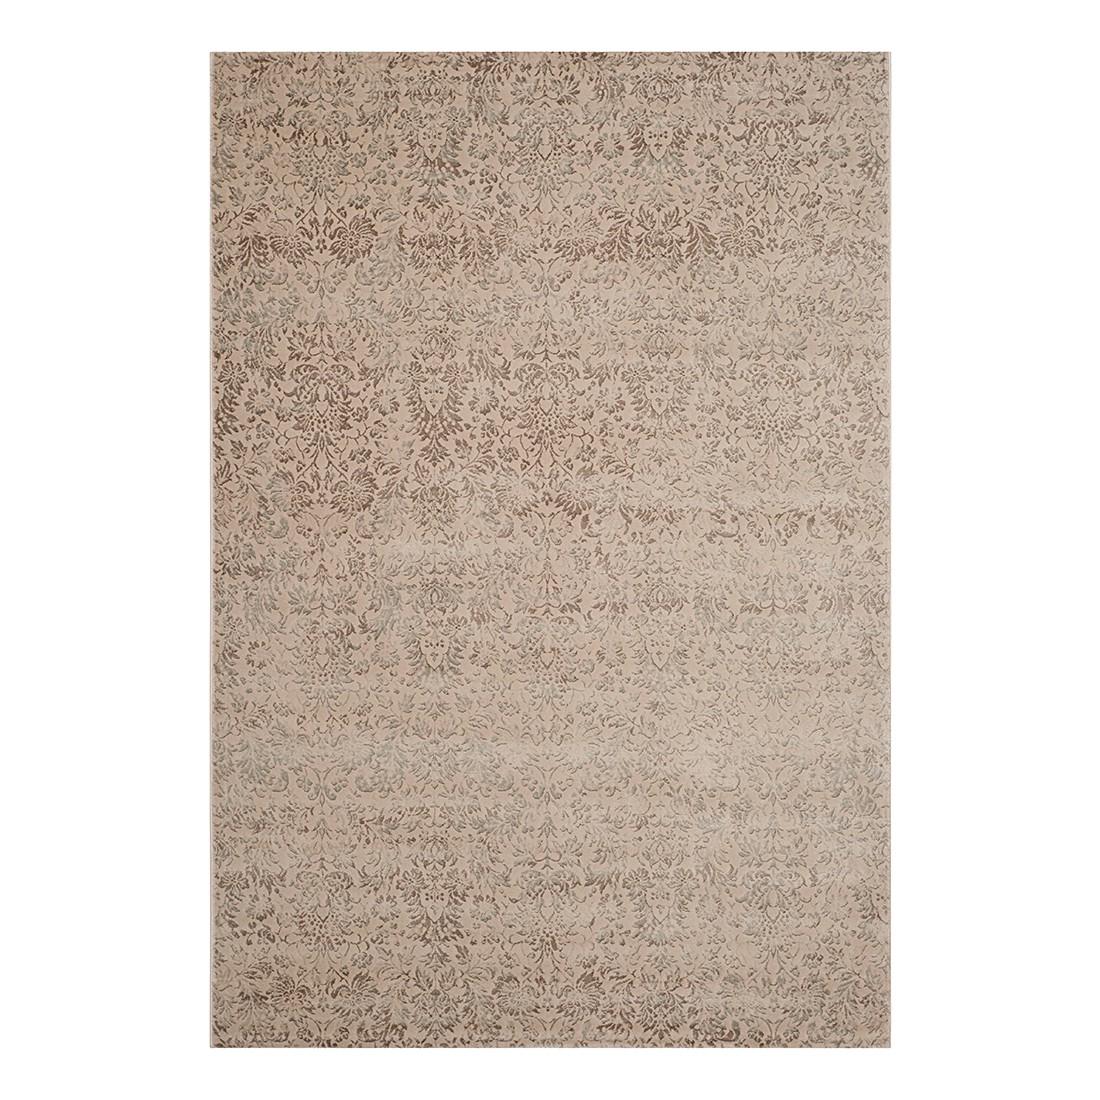 Teppich Valence Vintage – Creme/Grau – Maße: 121 x 170 cm, Safavieh günstig online kaufen